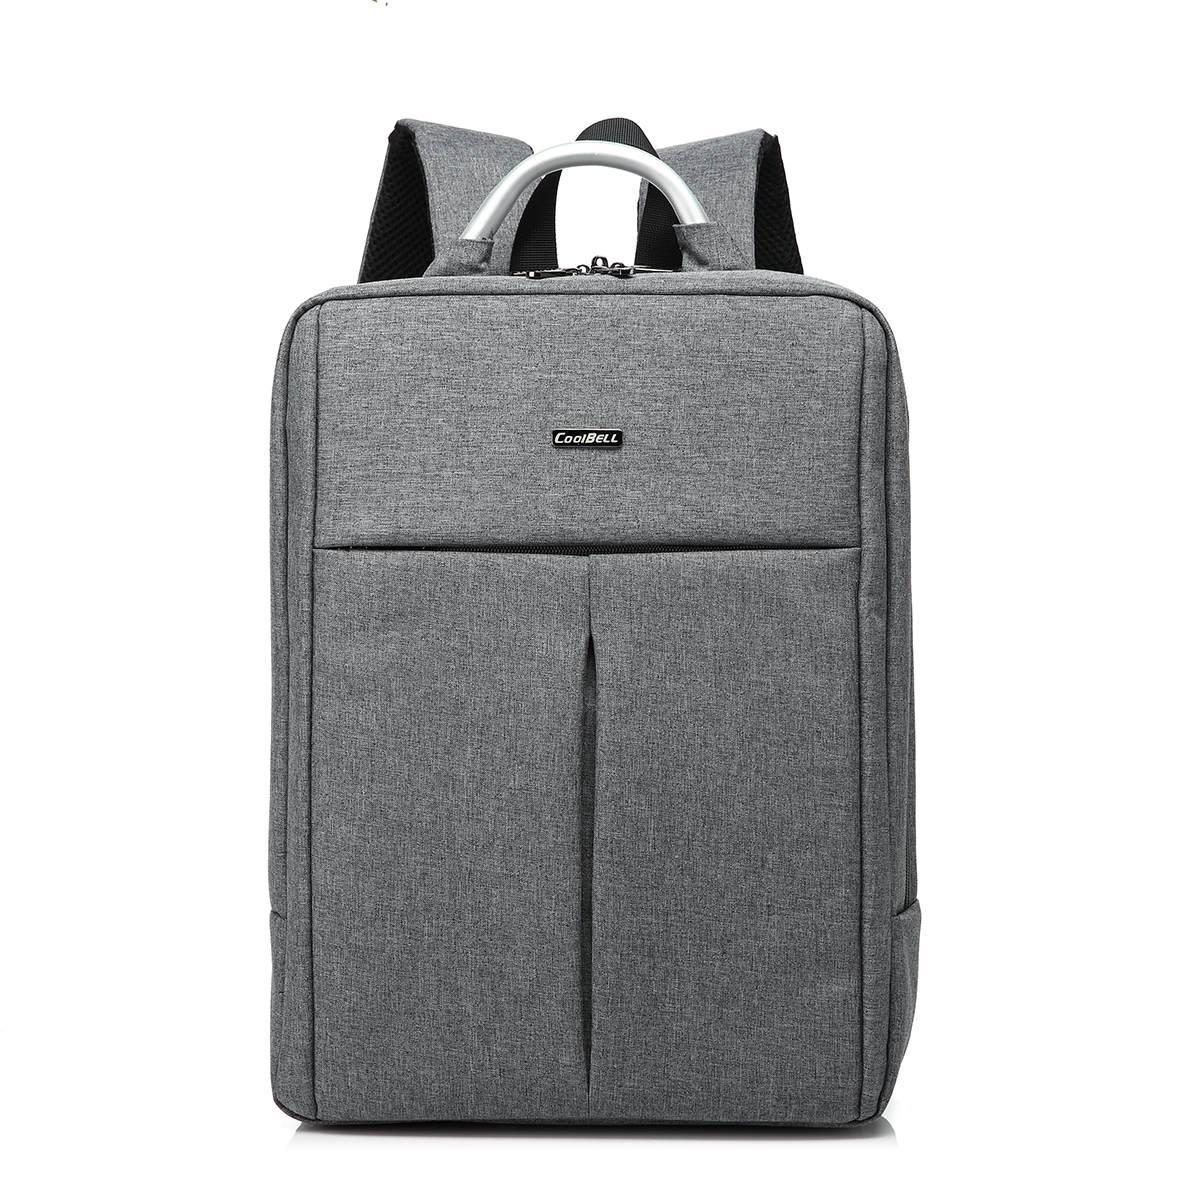 2016 New Business Laptop Backpack Travel Bag Bag Daypack Tear ...